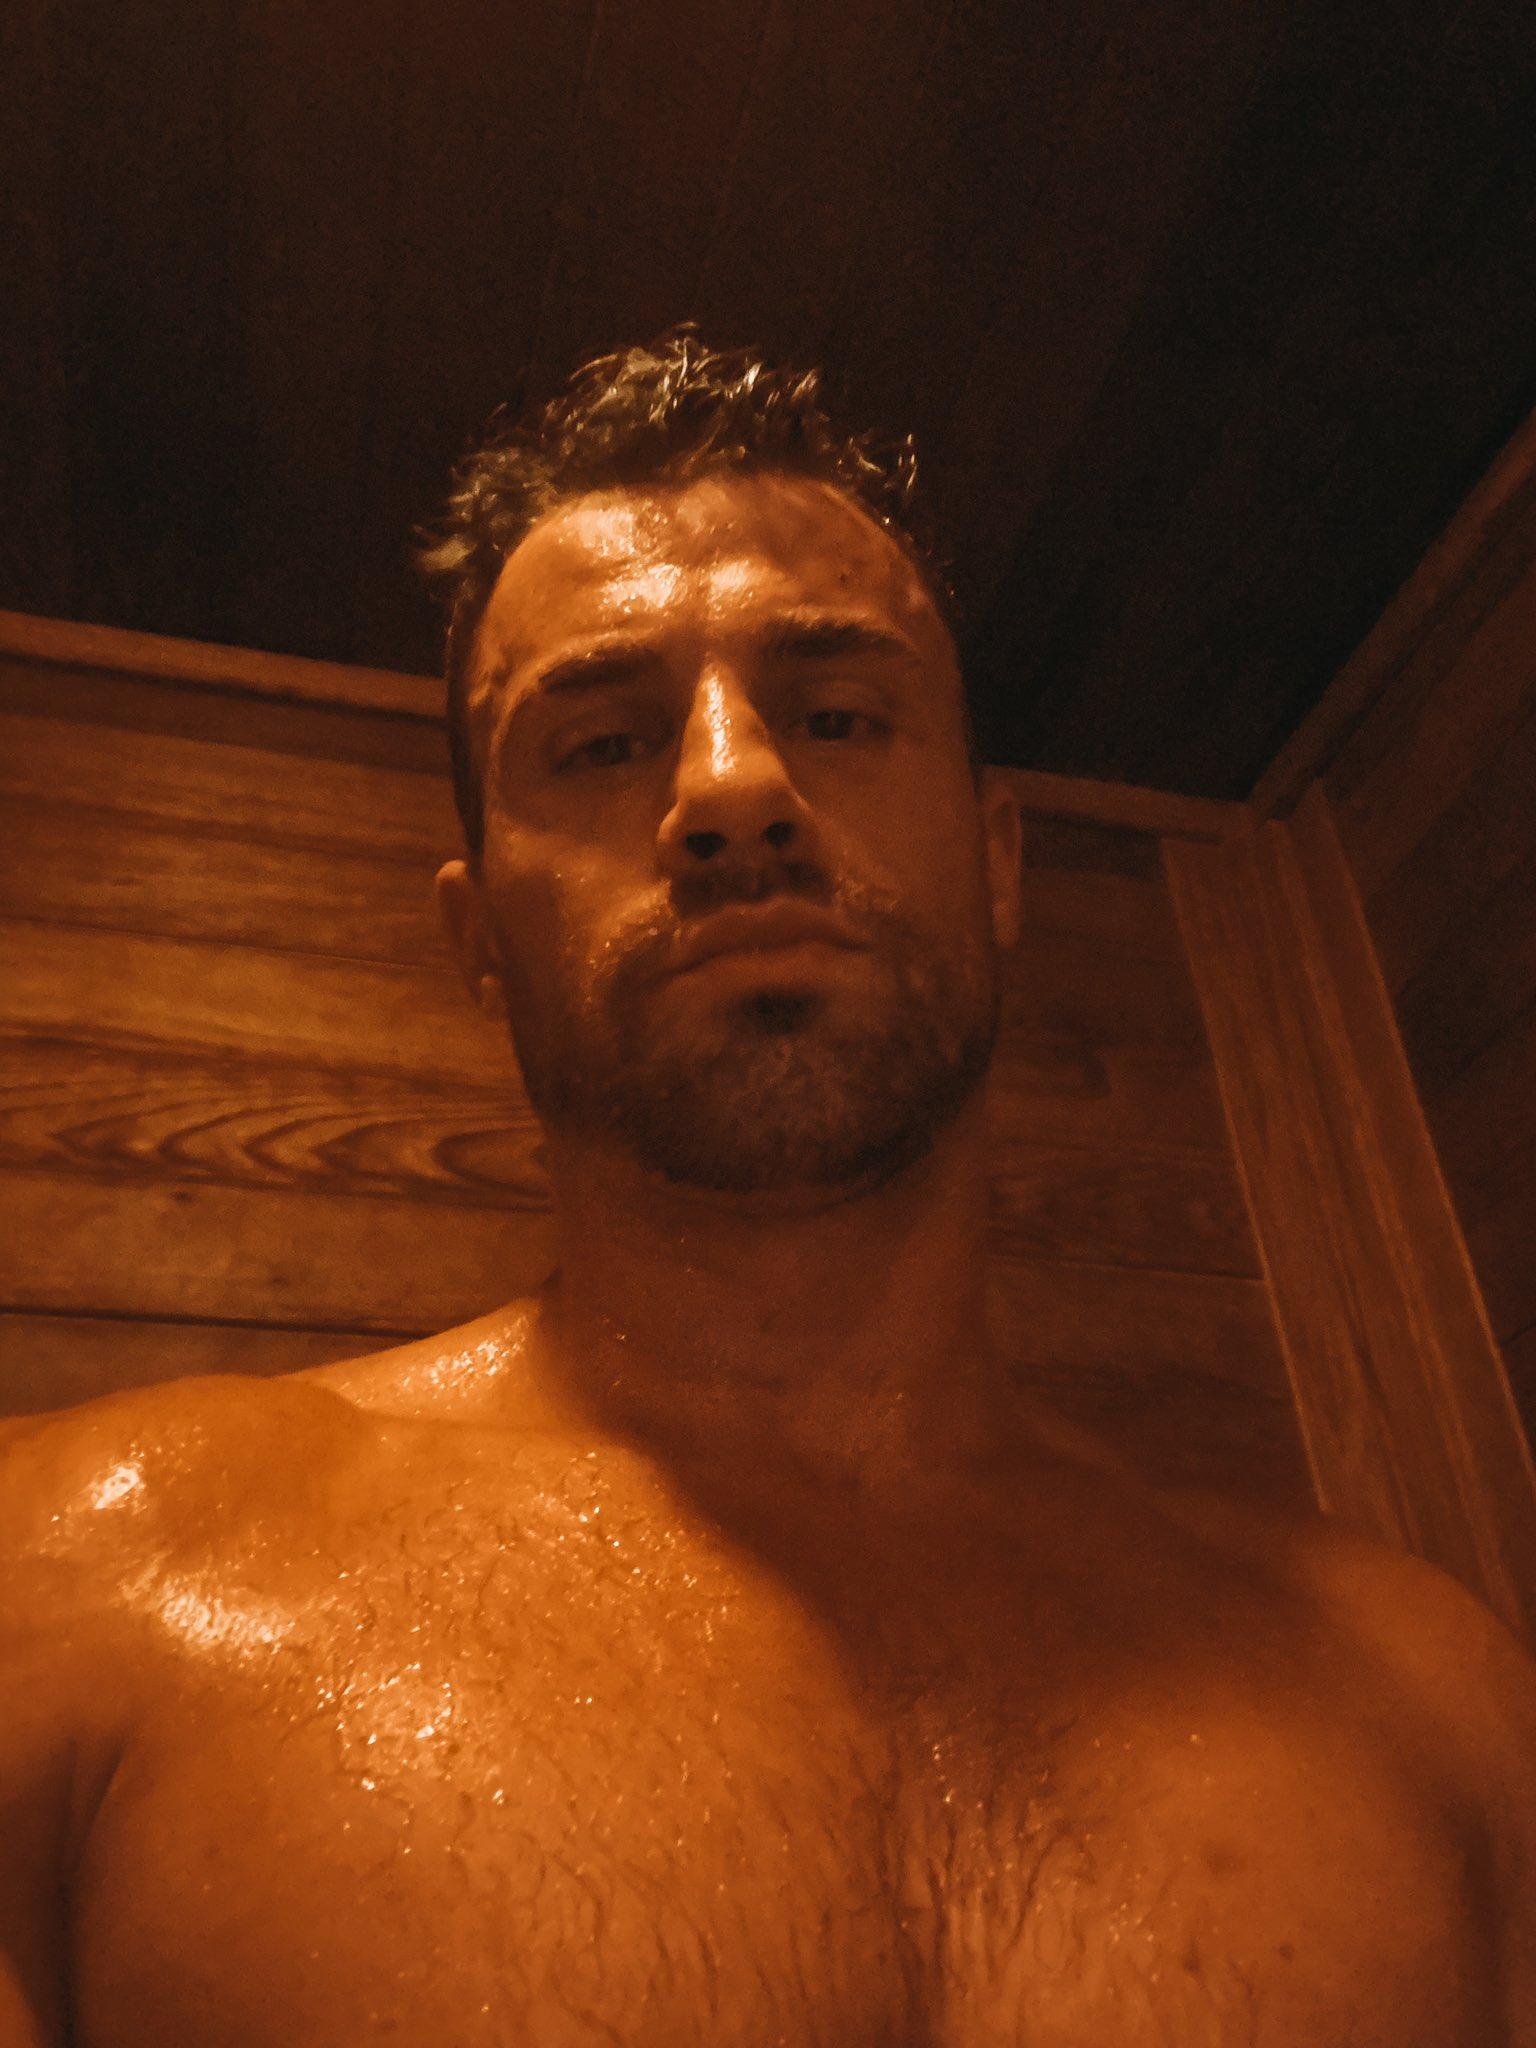 macho buscando sexo en el sauna